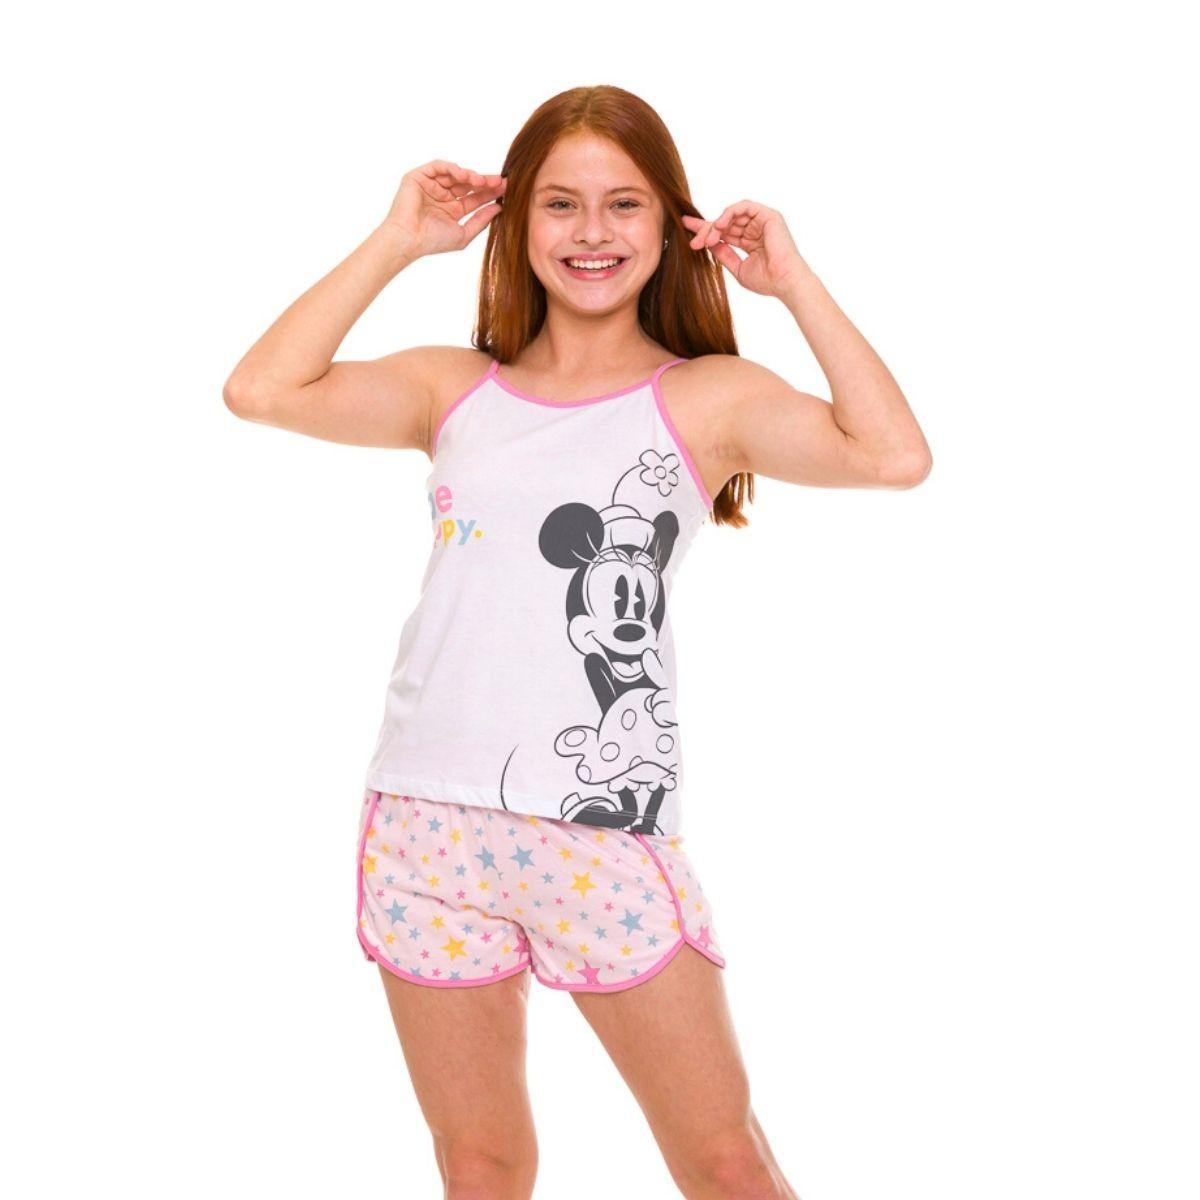 Pijama juvenil da minnie alcinha lachinho fresquinho verão